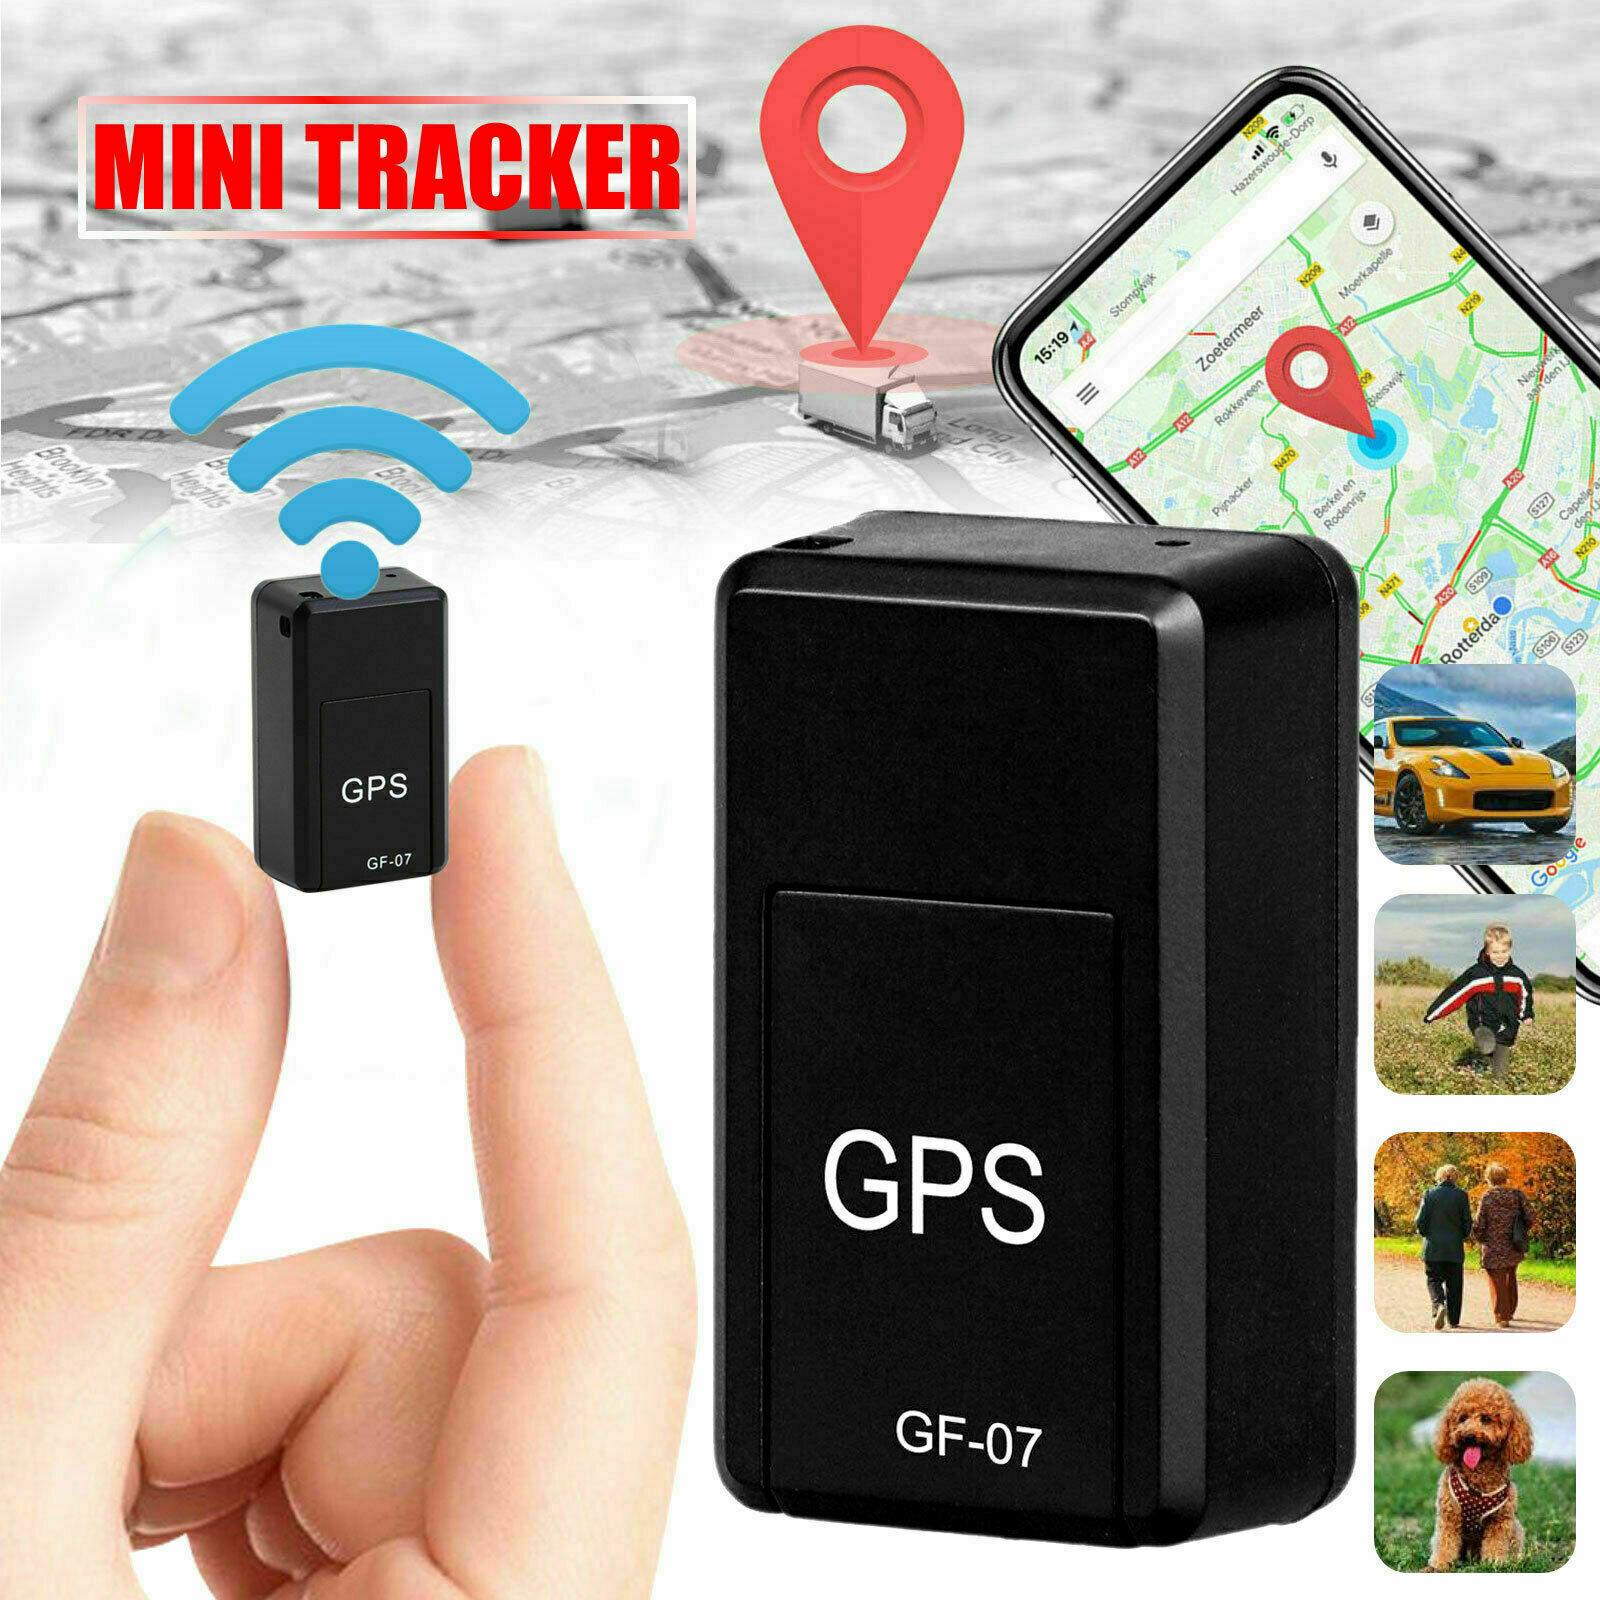 Новый мини GPS-трекер, автомобильный GPS-локатор, автомобильный Gps-трекер с защитой от кражи, автомобильный GPS-трекер с защитой от потери, устрой...